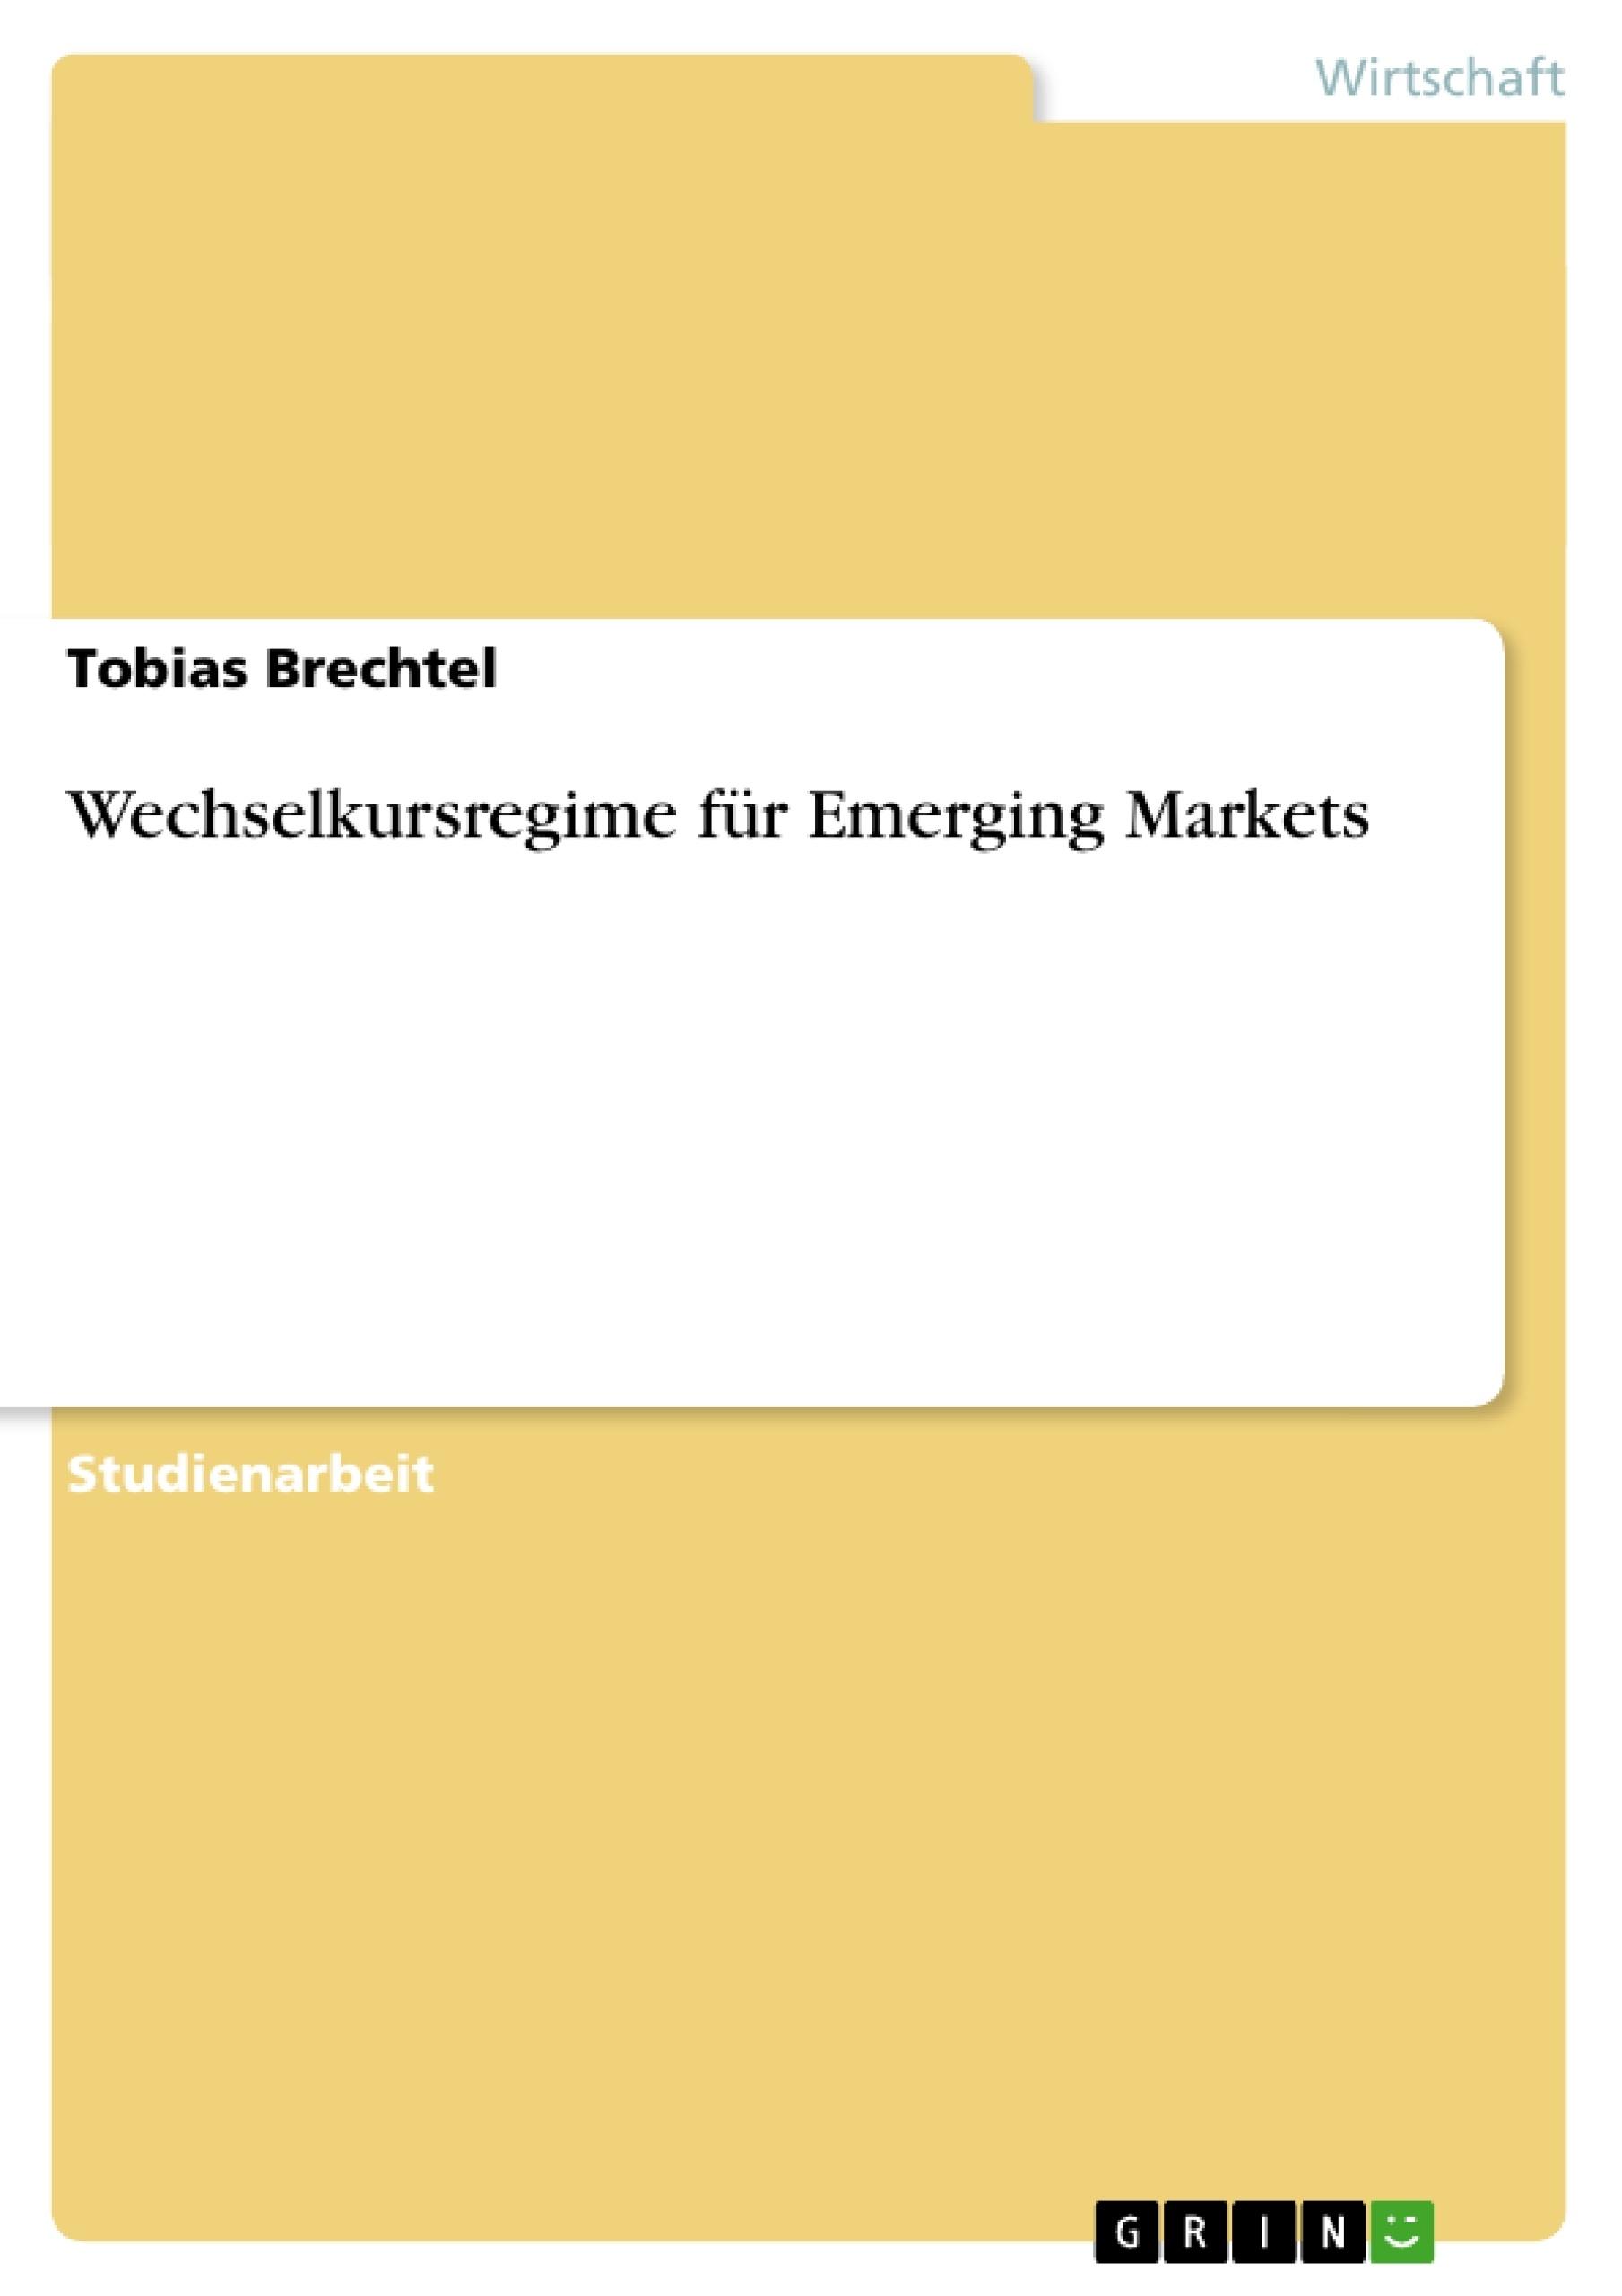 Titel: Wechselkursregime für Emerging Markets